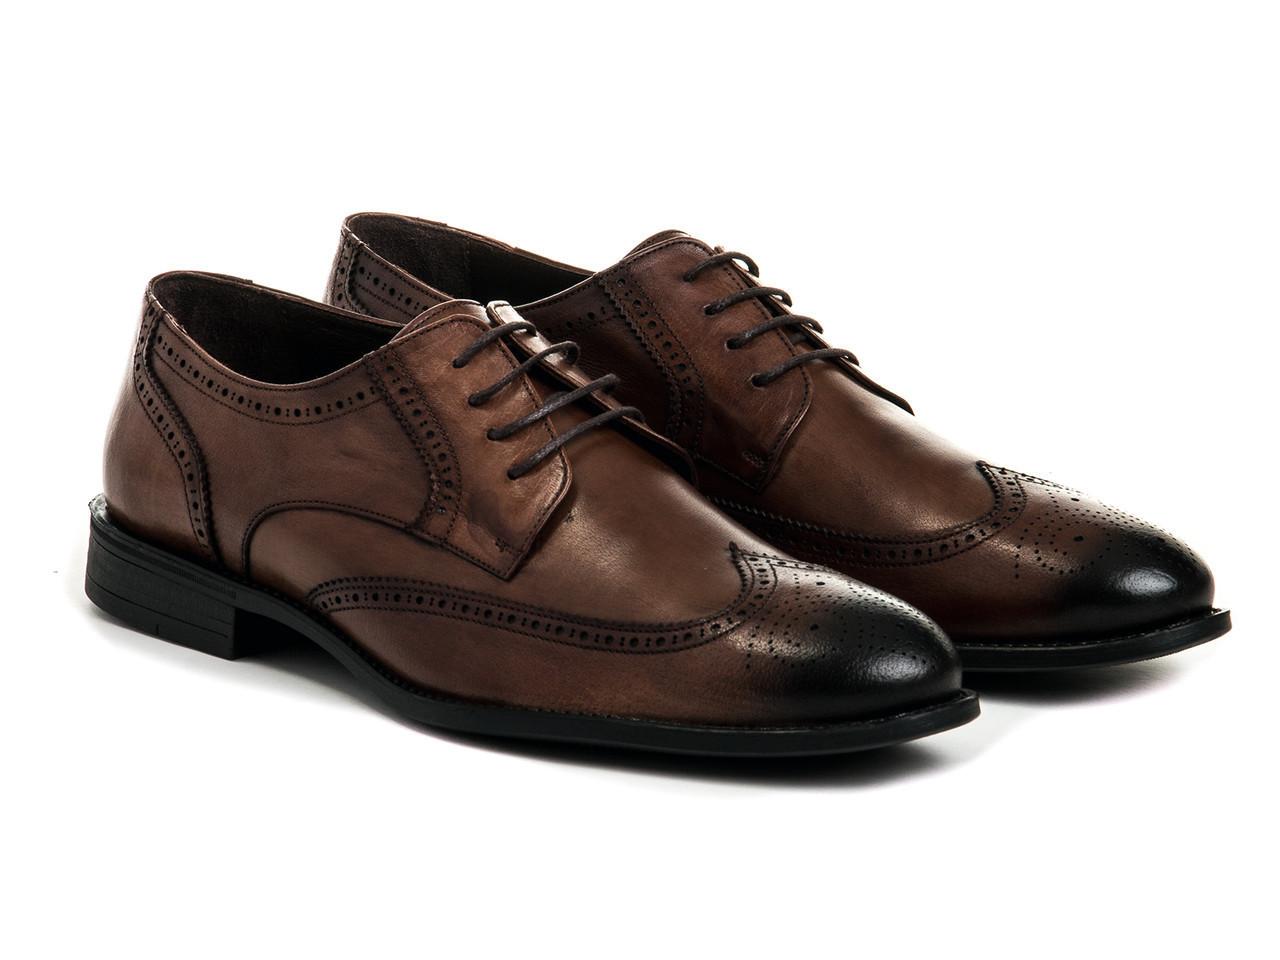 Броги Etor 12994-7257 43 коричневые